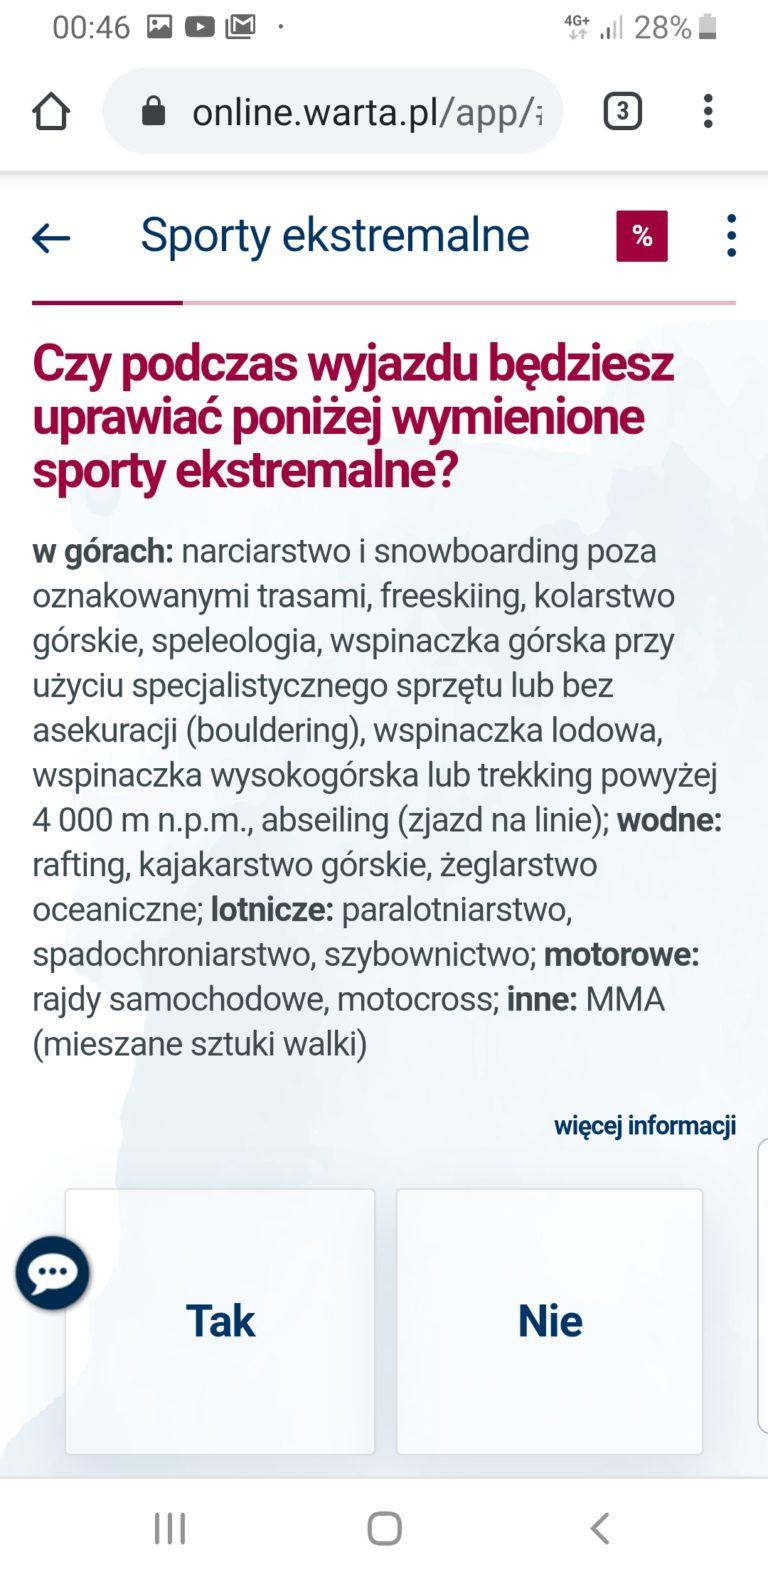 ubezpieczenie na narty za granicą warta travel online - zimowe sporty ekstremalne